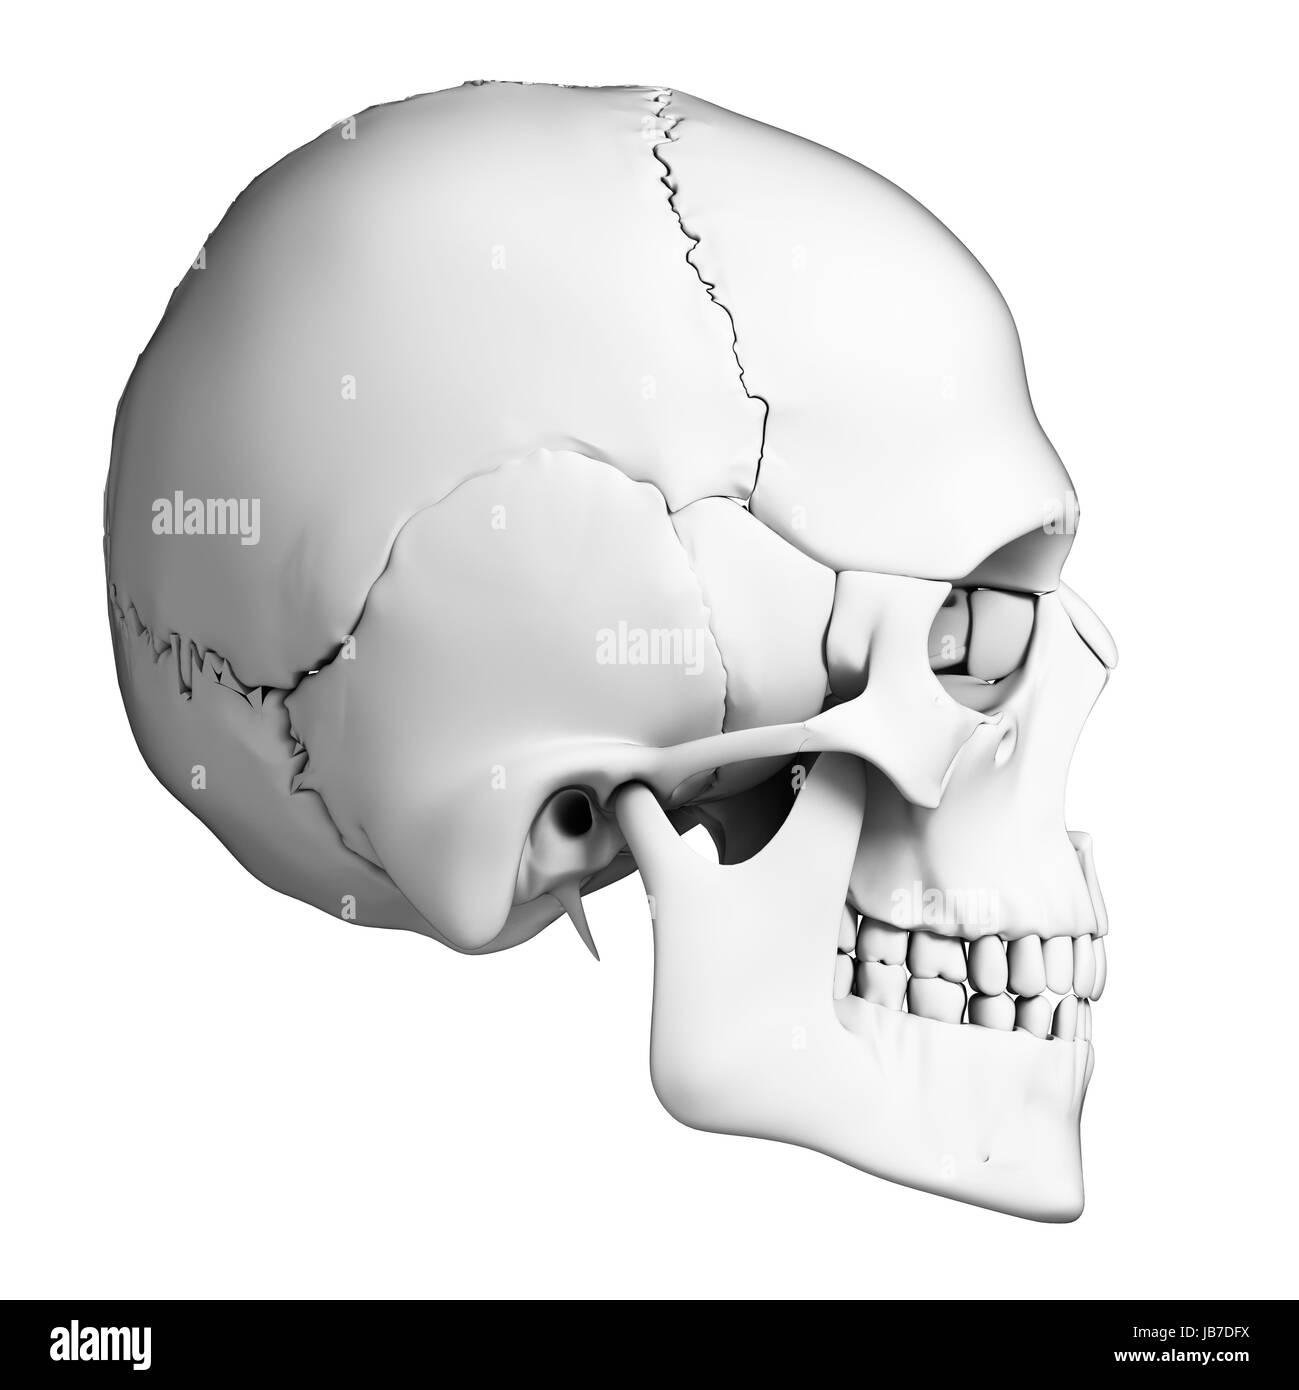 3d Rendered Illustration Human Skull Anatomy Stock Photo